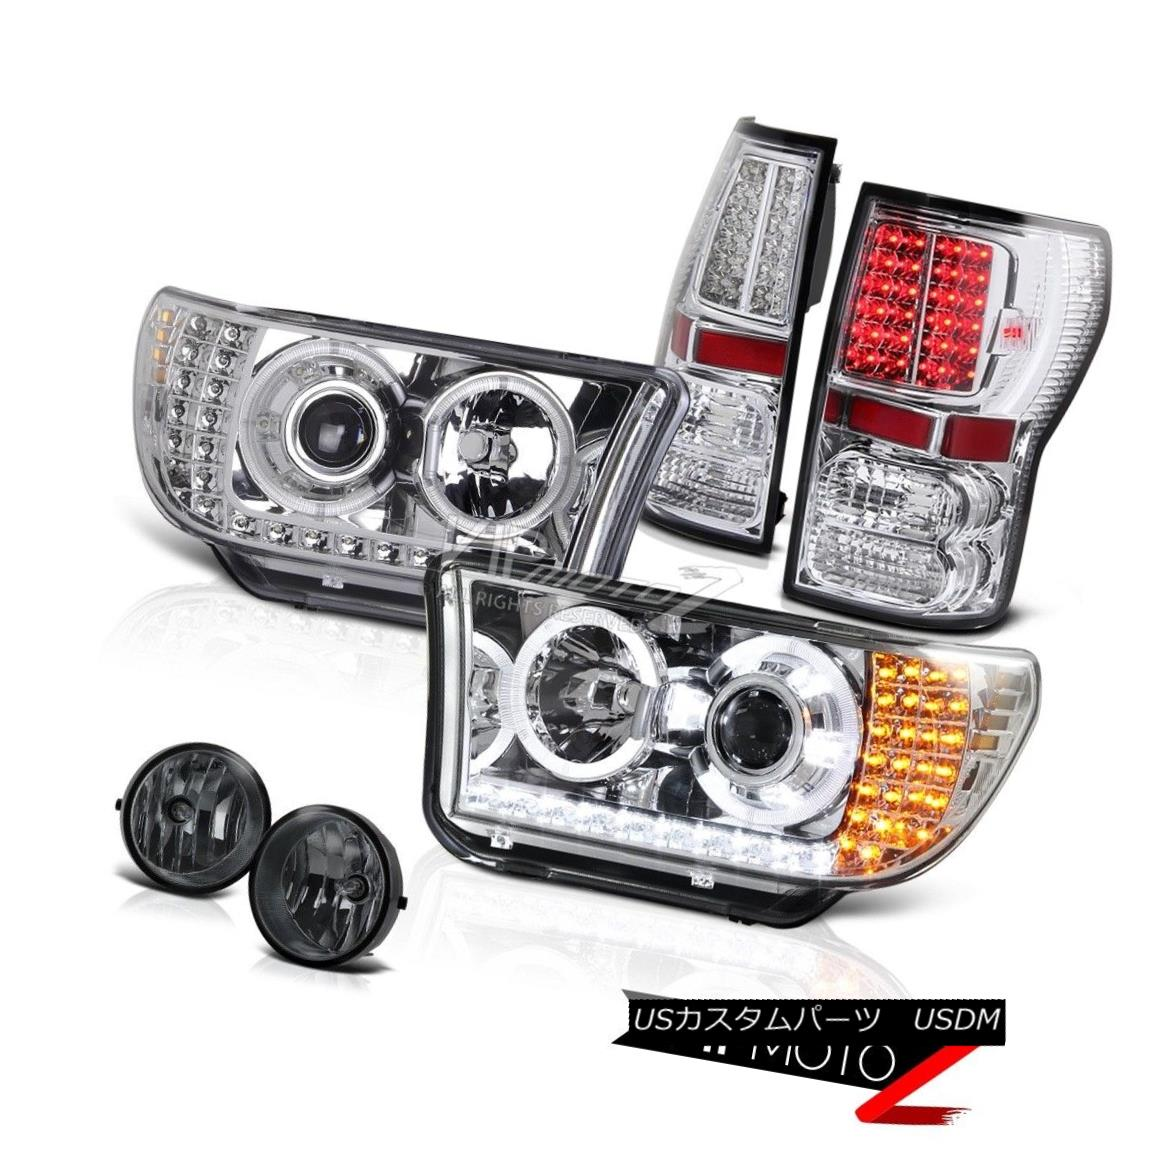 ヘッドライト 07-2013 TUNDRA TRD PICKUP Chrome Projector Led Headlight+Led Tail Light+Fog Lamp 07-2013 TUNDRA TRD PICKUPクロームプロジェクターLedヘッドライト+ Ledテールライト+フォグランプ